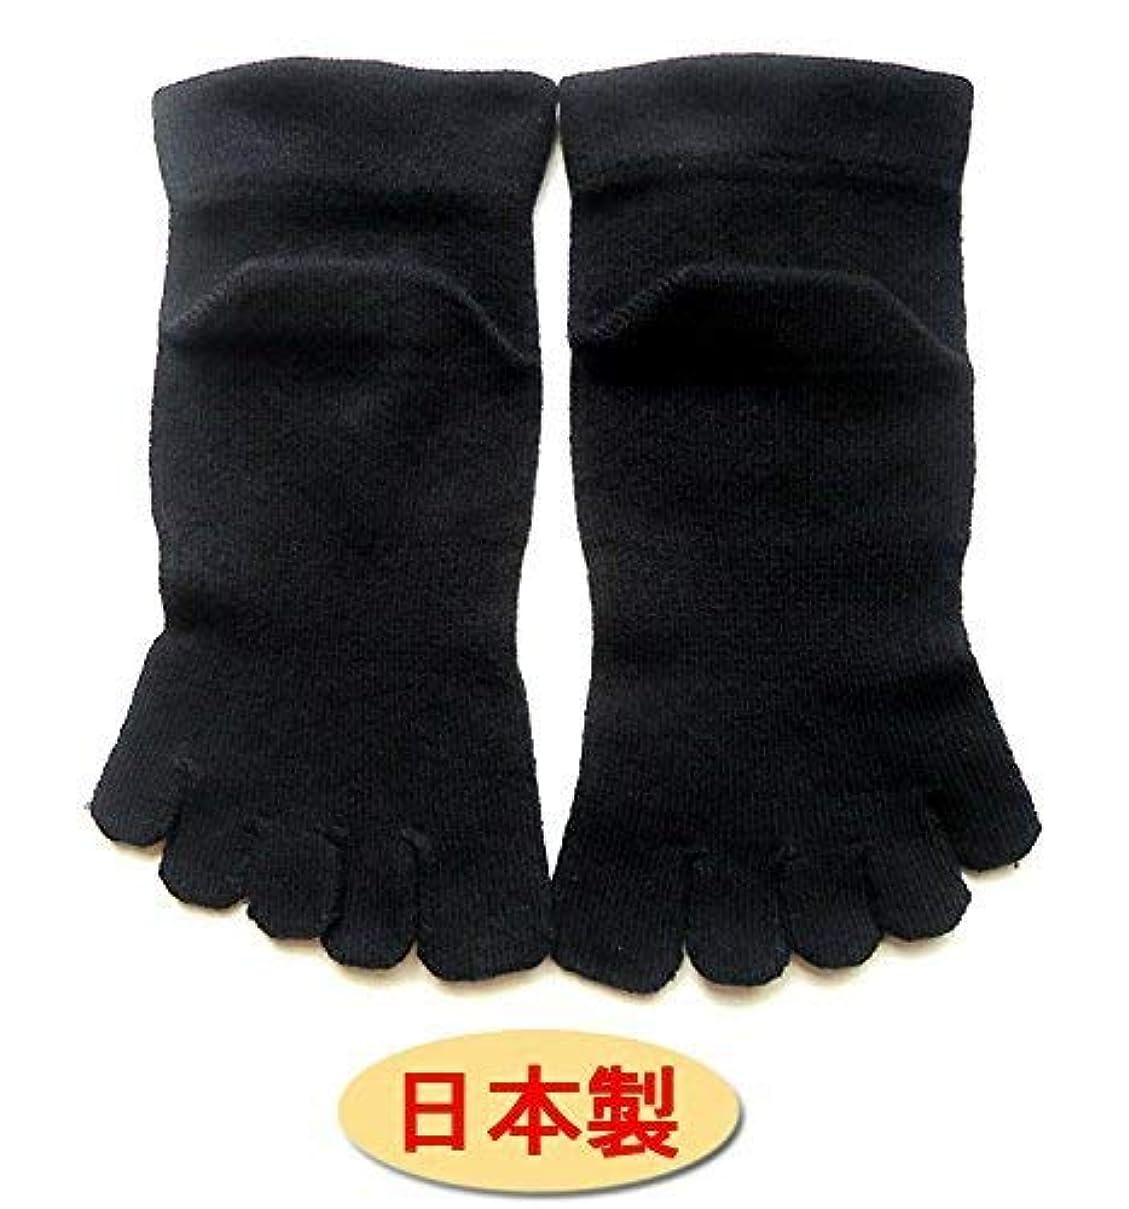 住人子供達デコードする日本製 5本指ソックス レディース 爽やか表綿100% 口ゴムゆったり 22-24cm 3足組(黒色)